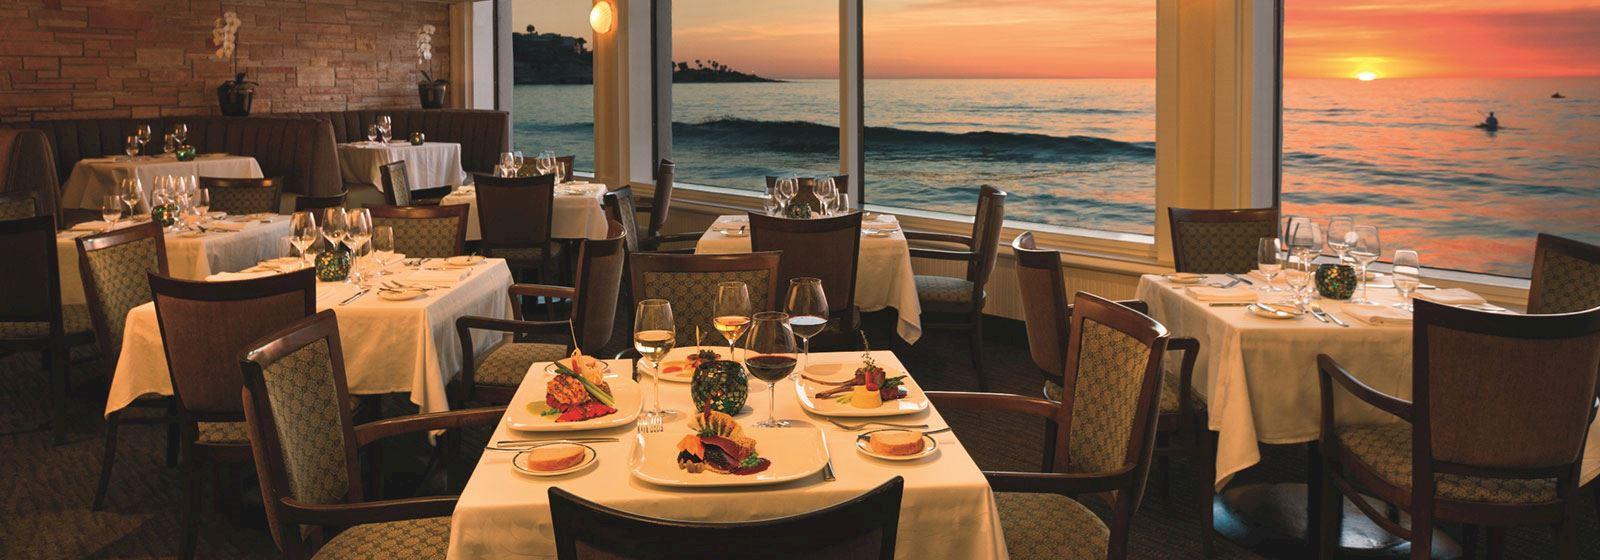 Dress Code Of the Marine Room Restaurant In La Jolla top